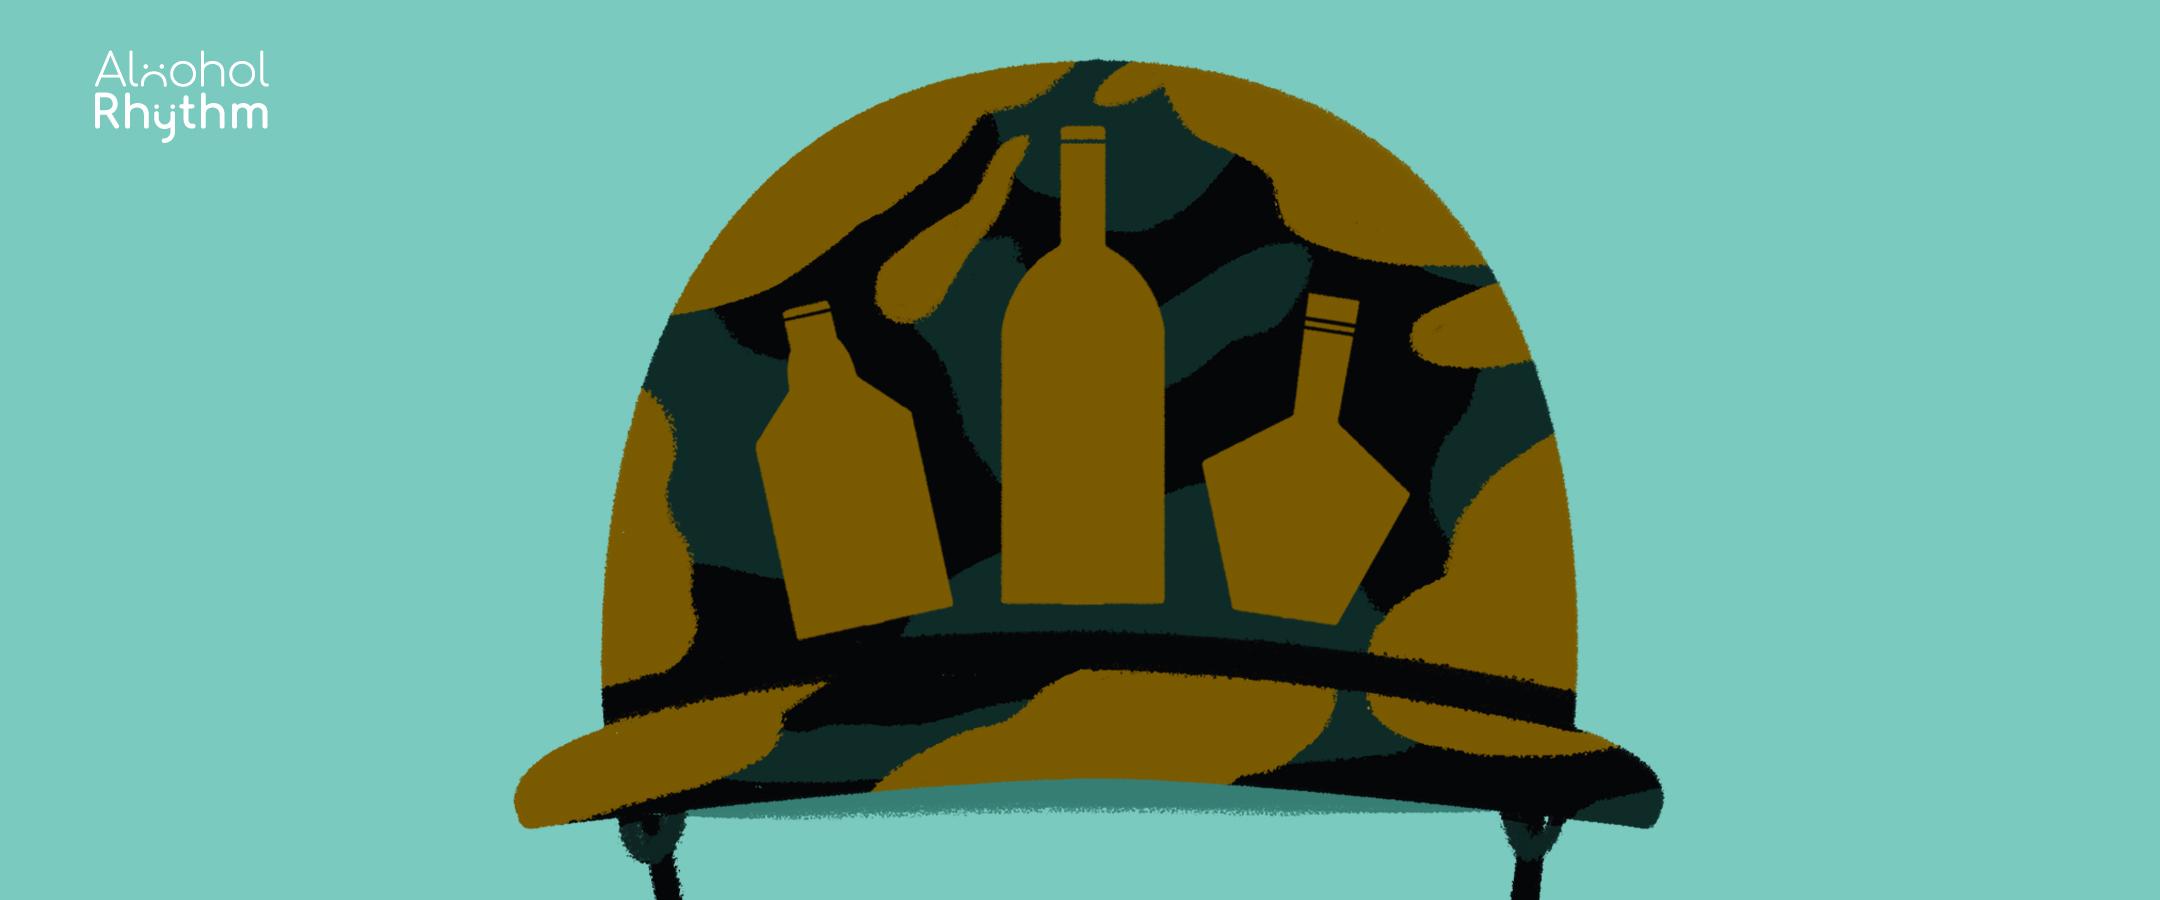 เรื่องของเหล่าทัพกับเหล้าเบียร์